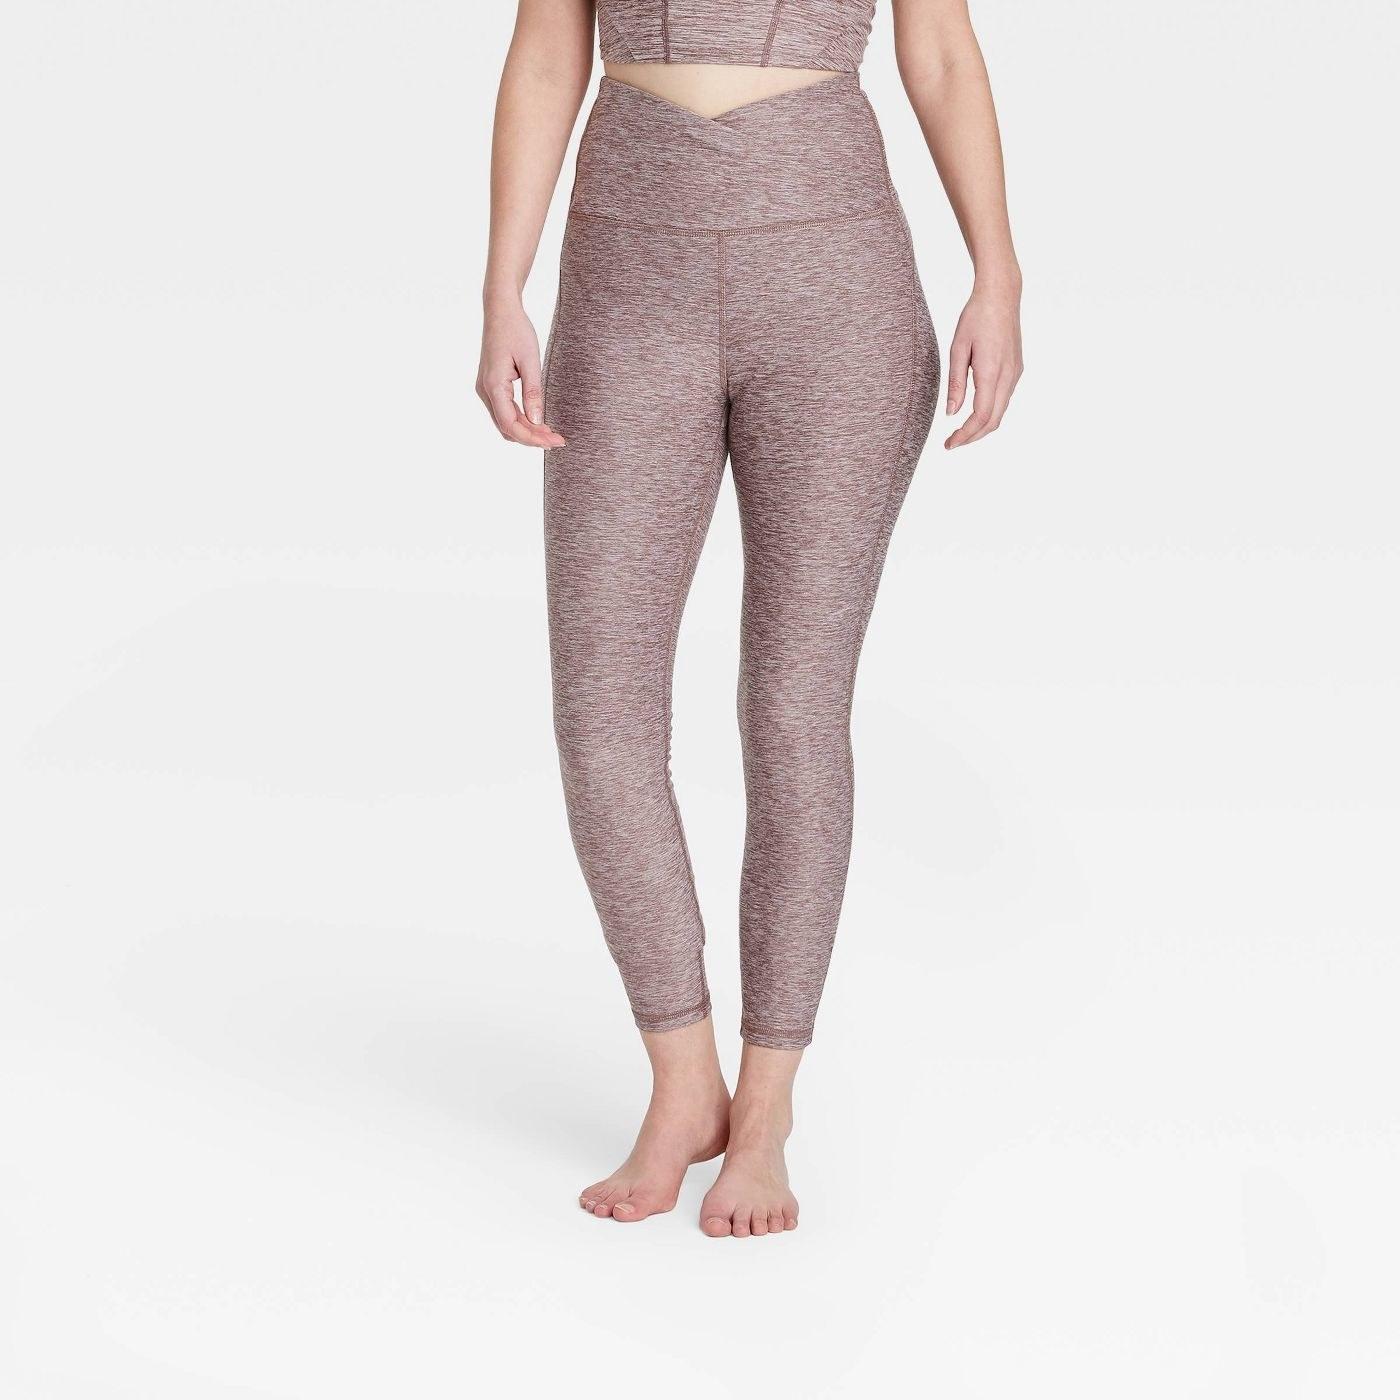 Model in ultra high waisted leggings